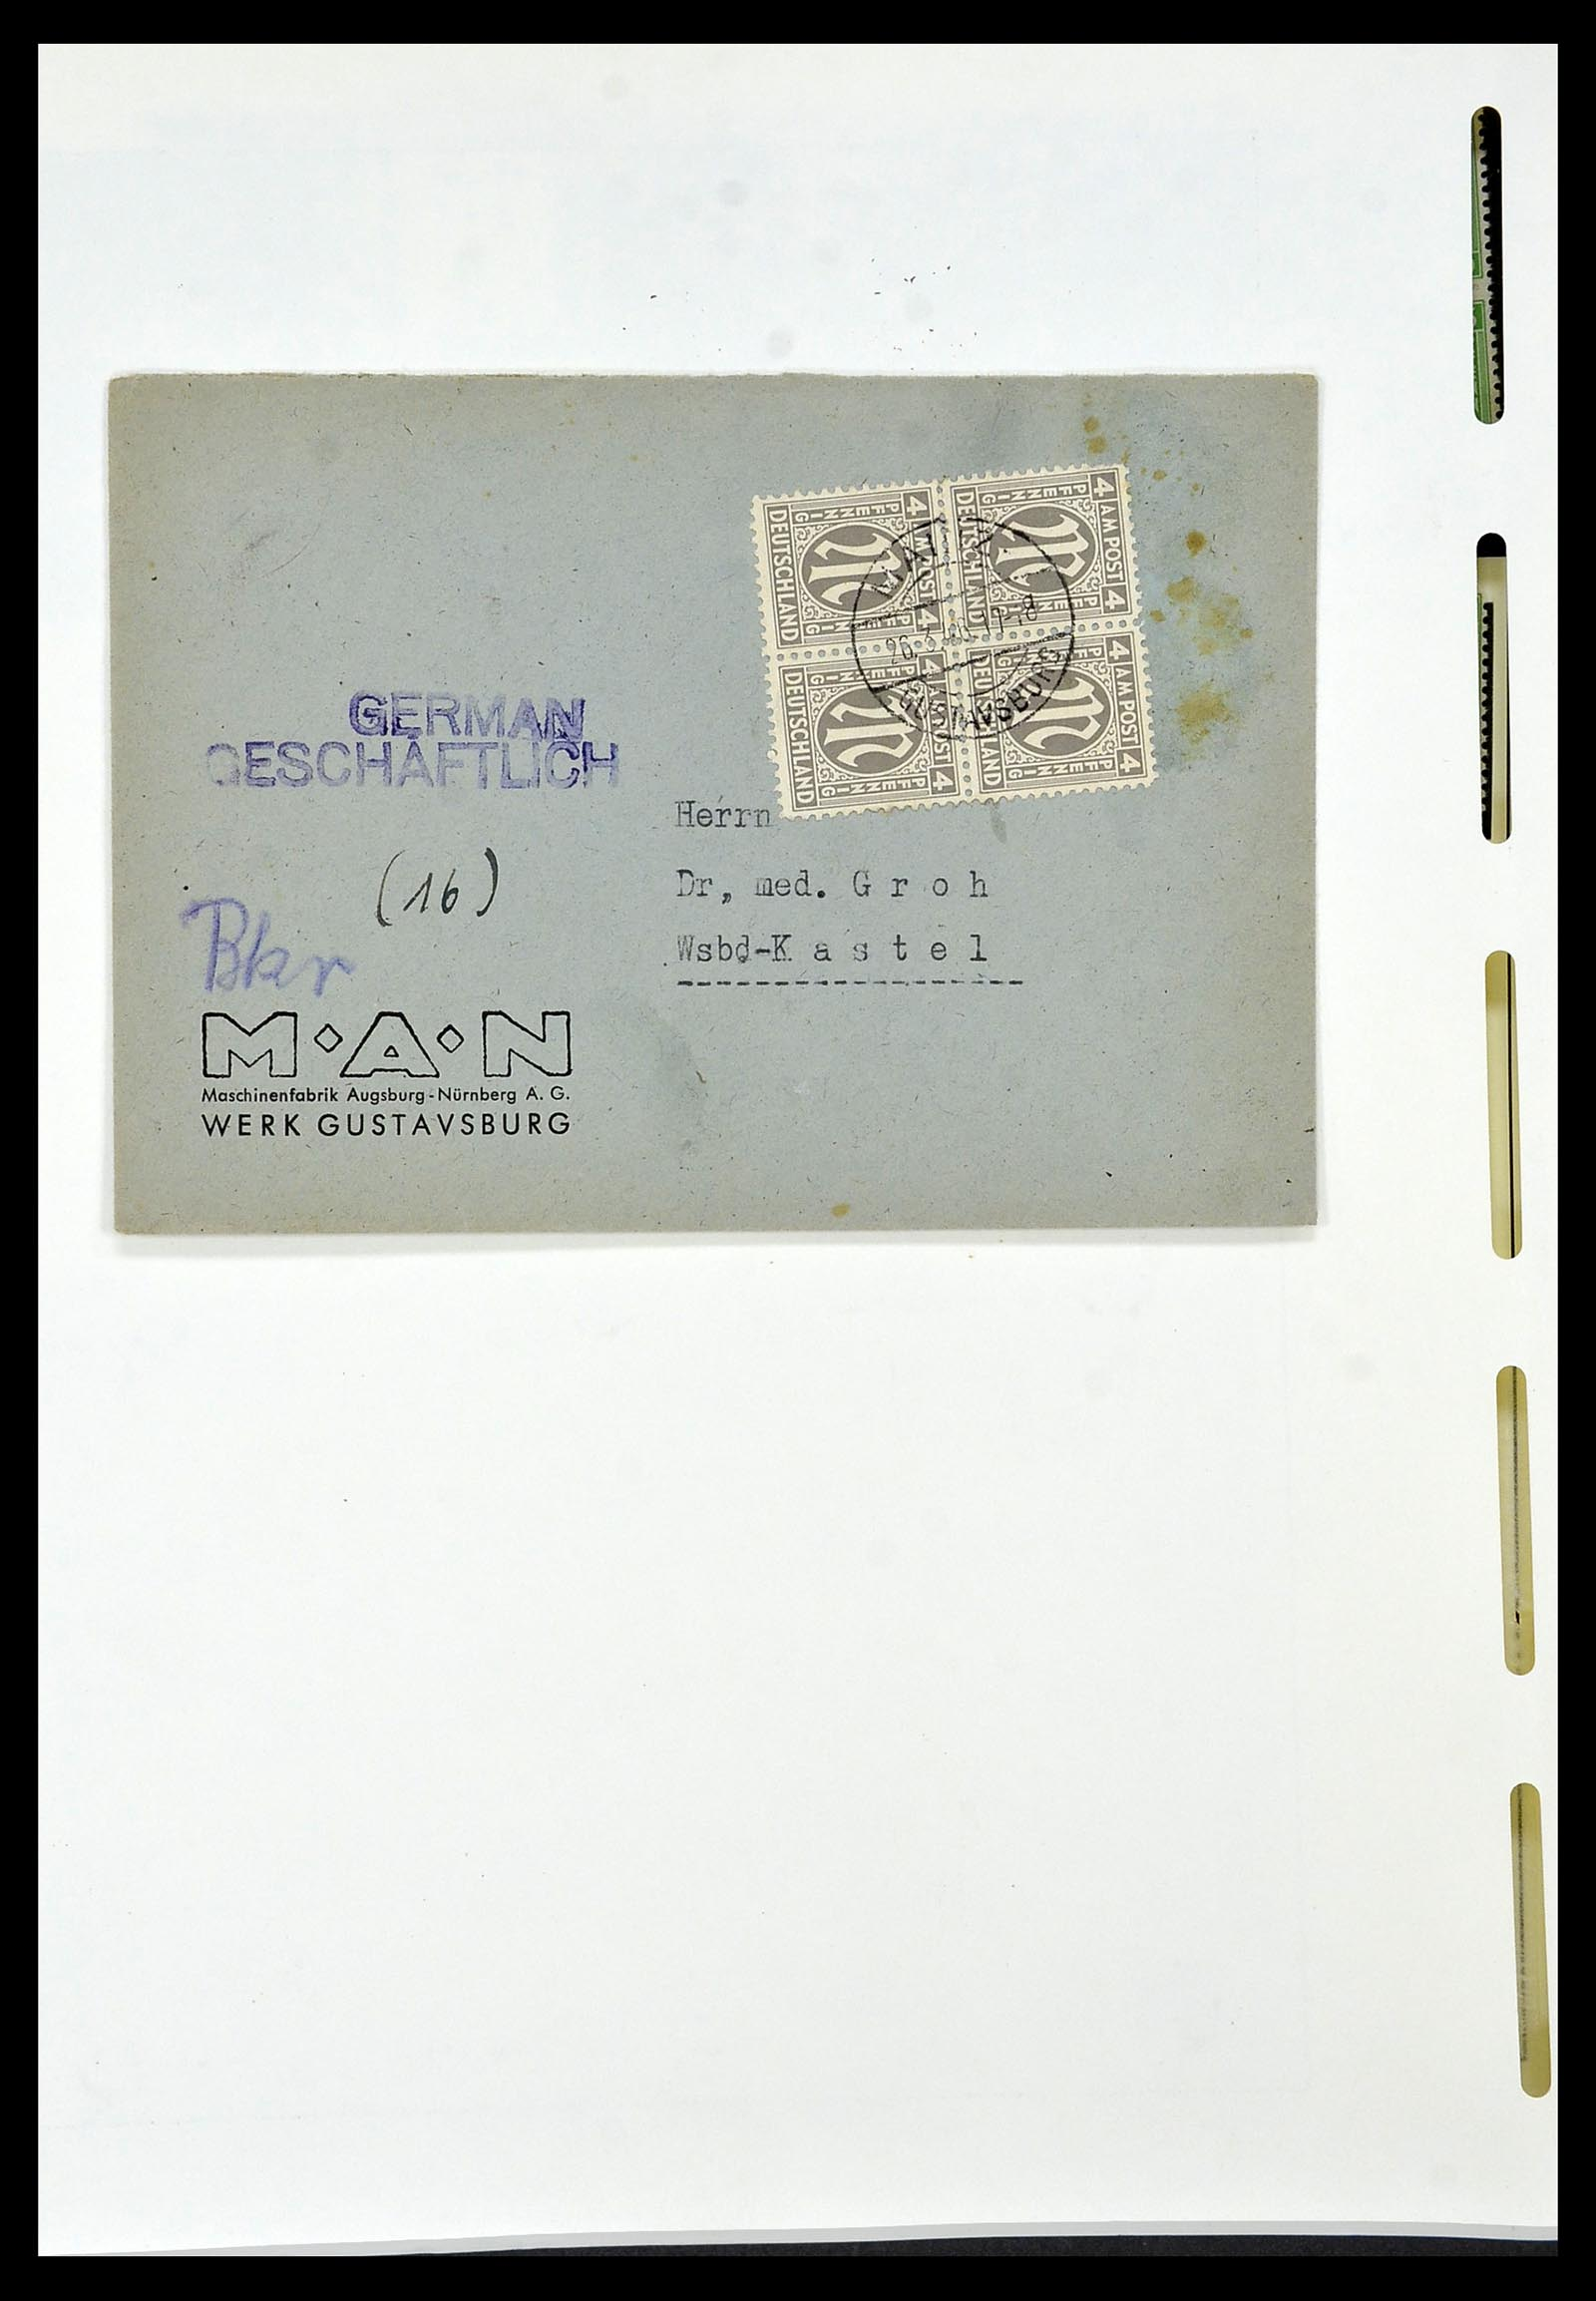 34152 014 - Postzegelverzameling 34152 Duitse Zones 1945-1949.